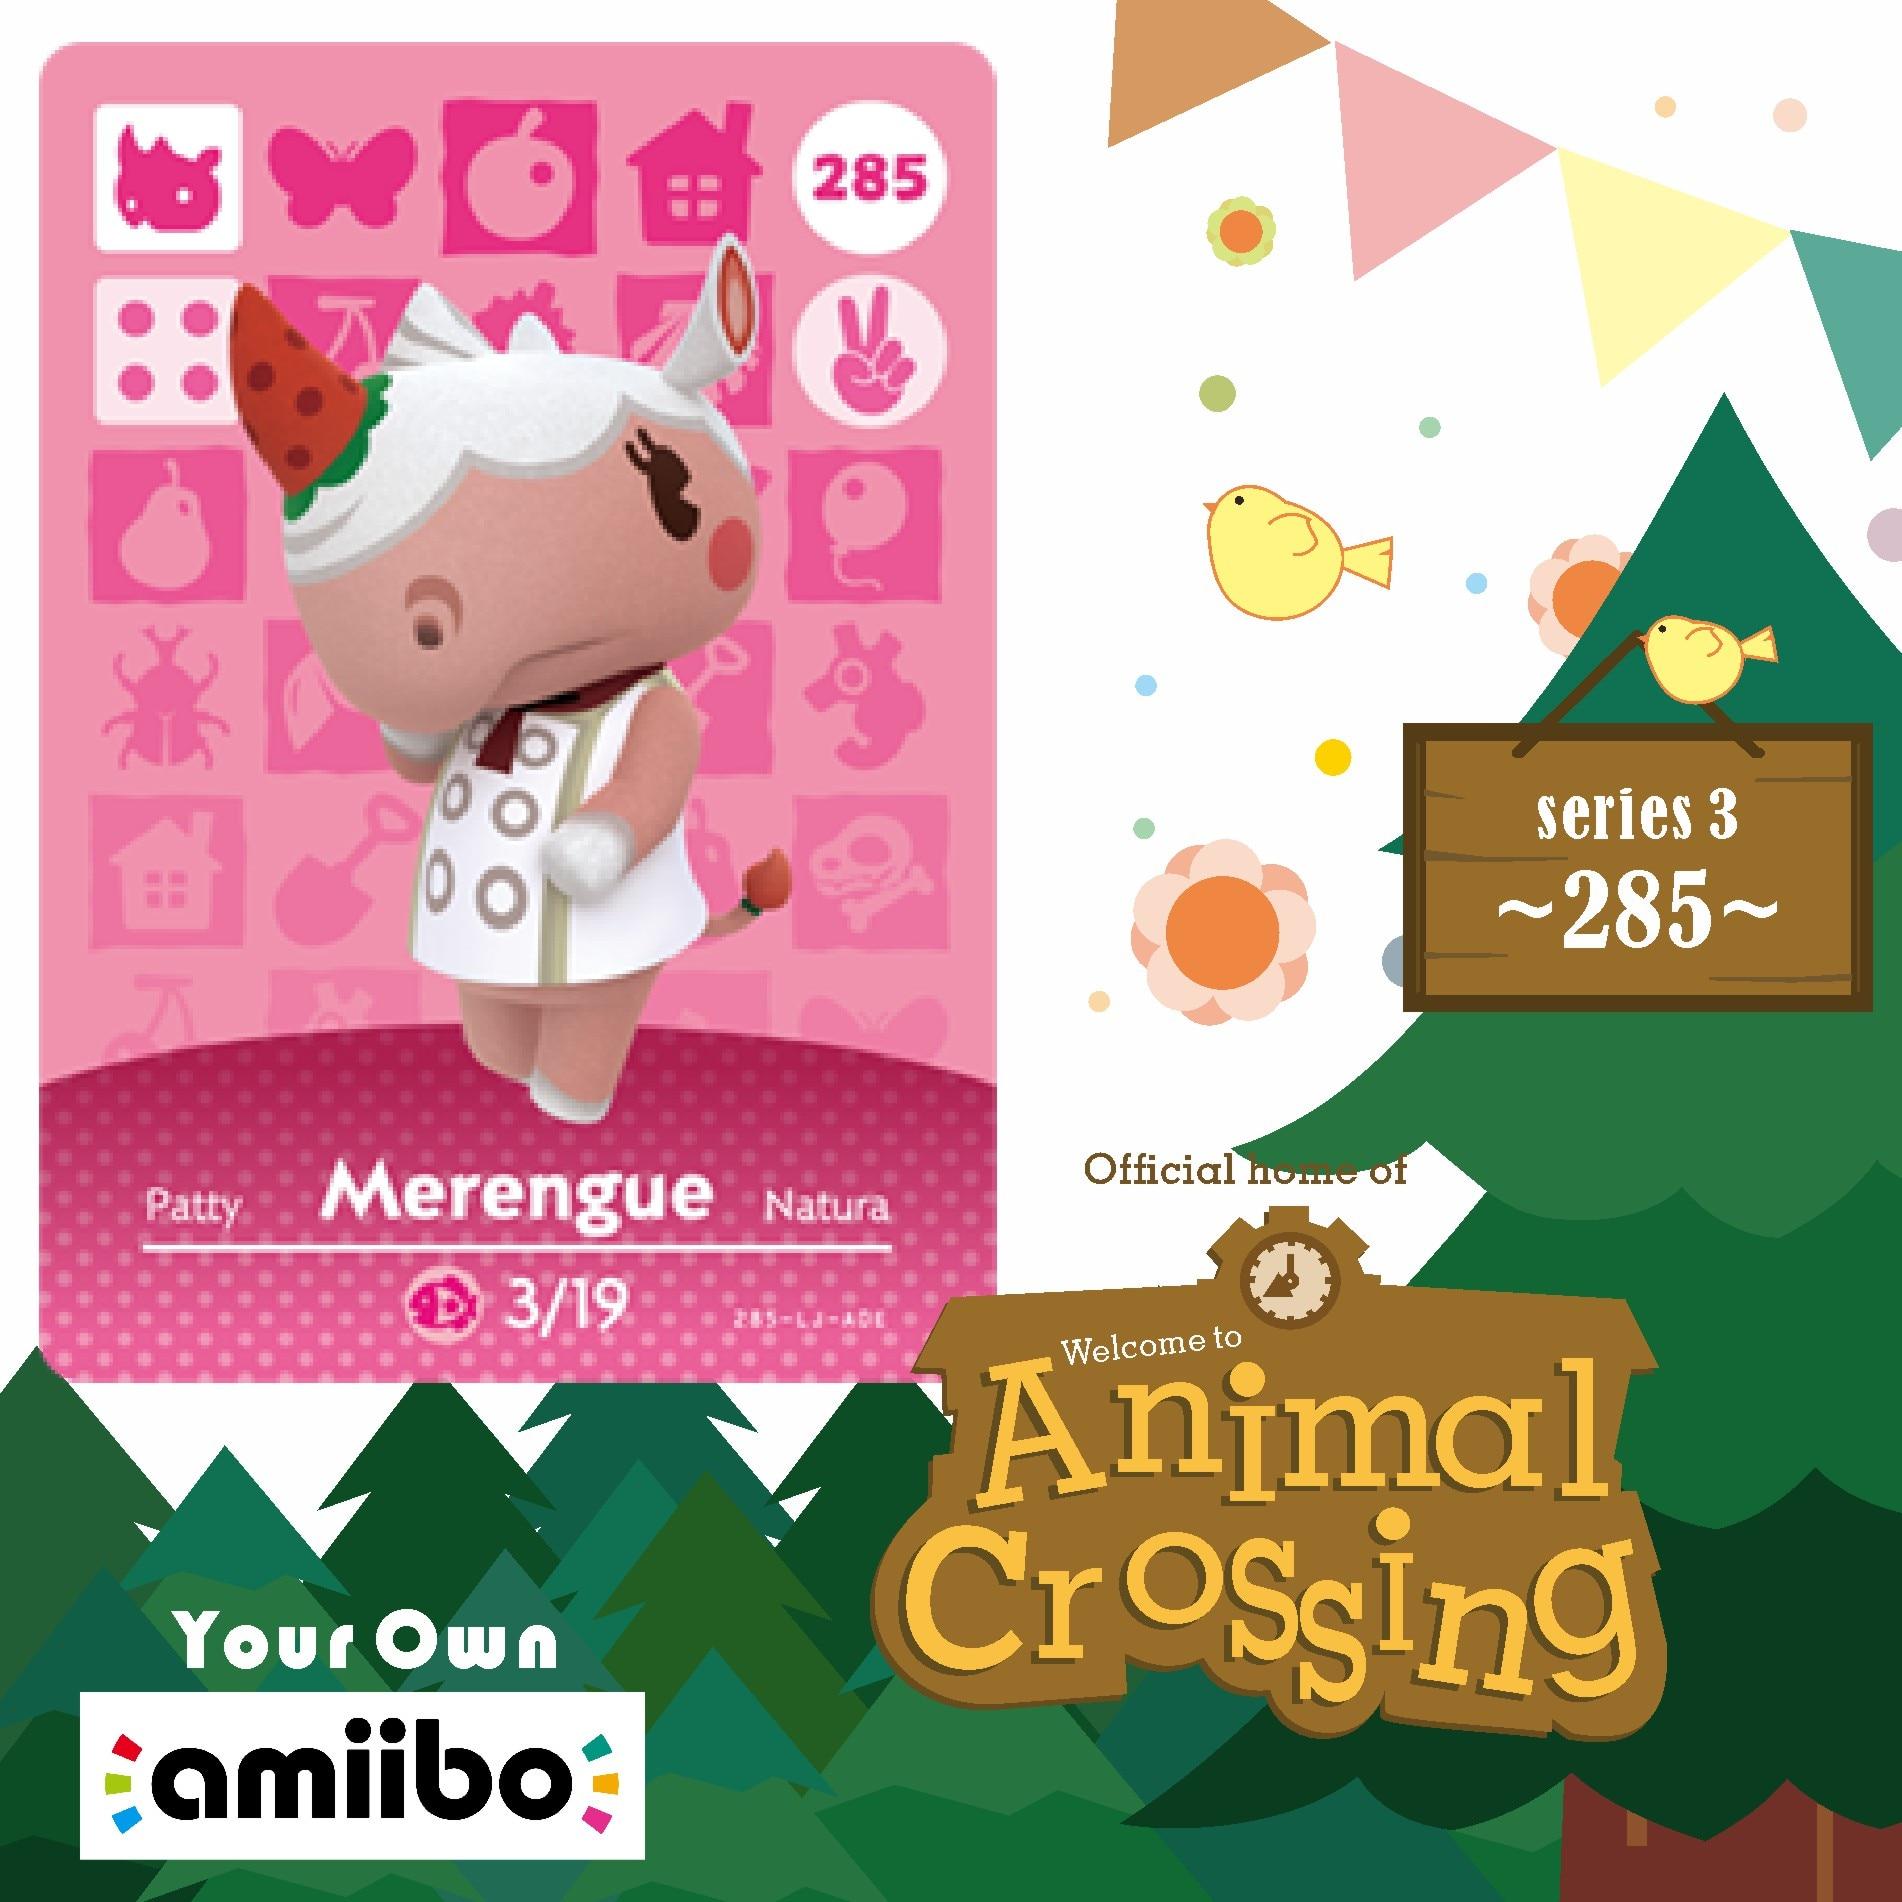 Amiibo 285 Animal Crossing Merengue Amiibo Card Merengue 285 New horizons villager cards Merengue  for NS Game Series Season 3 1